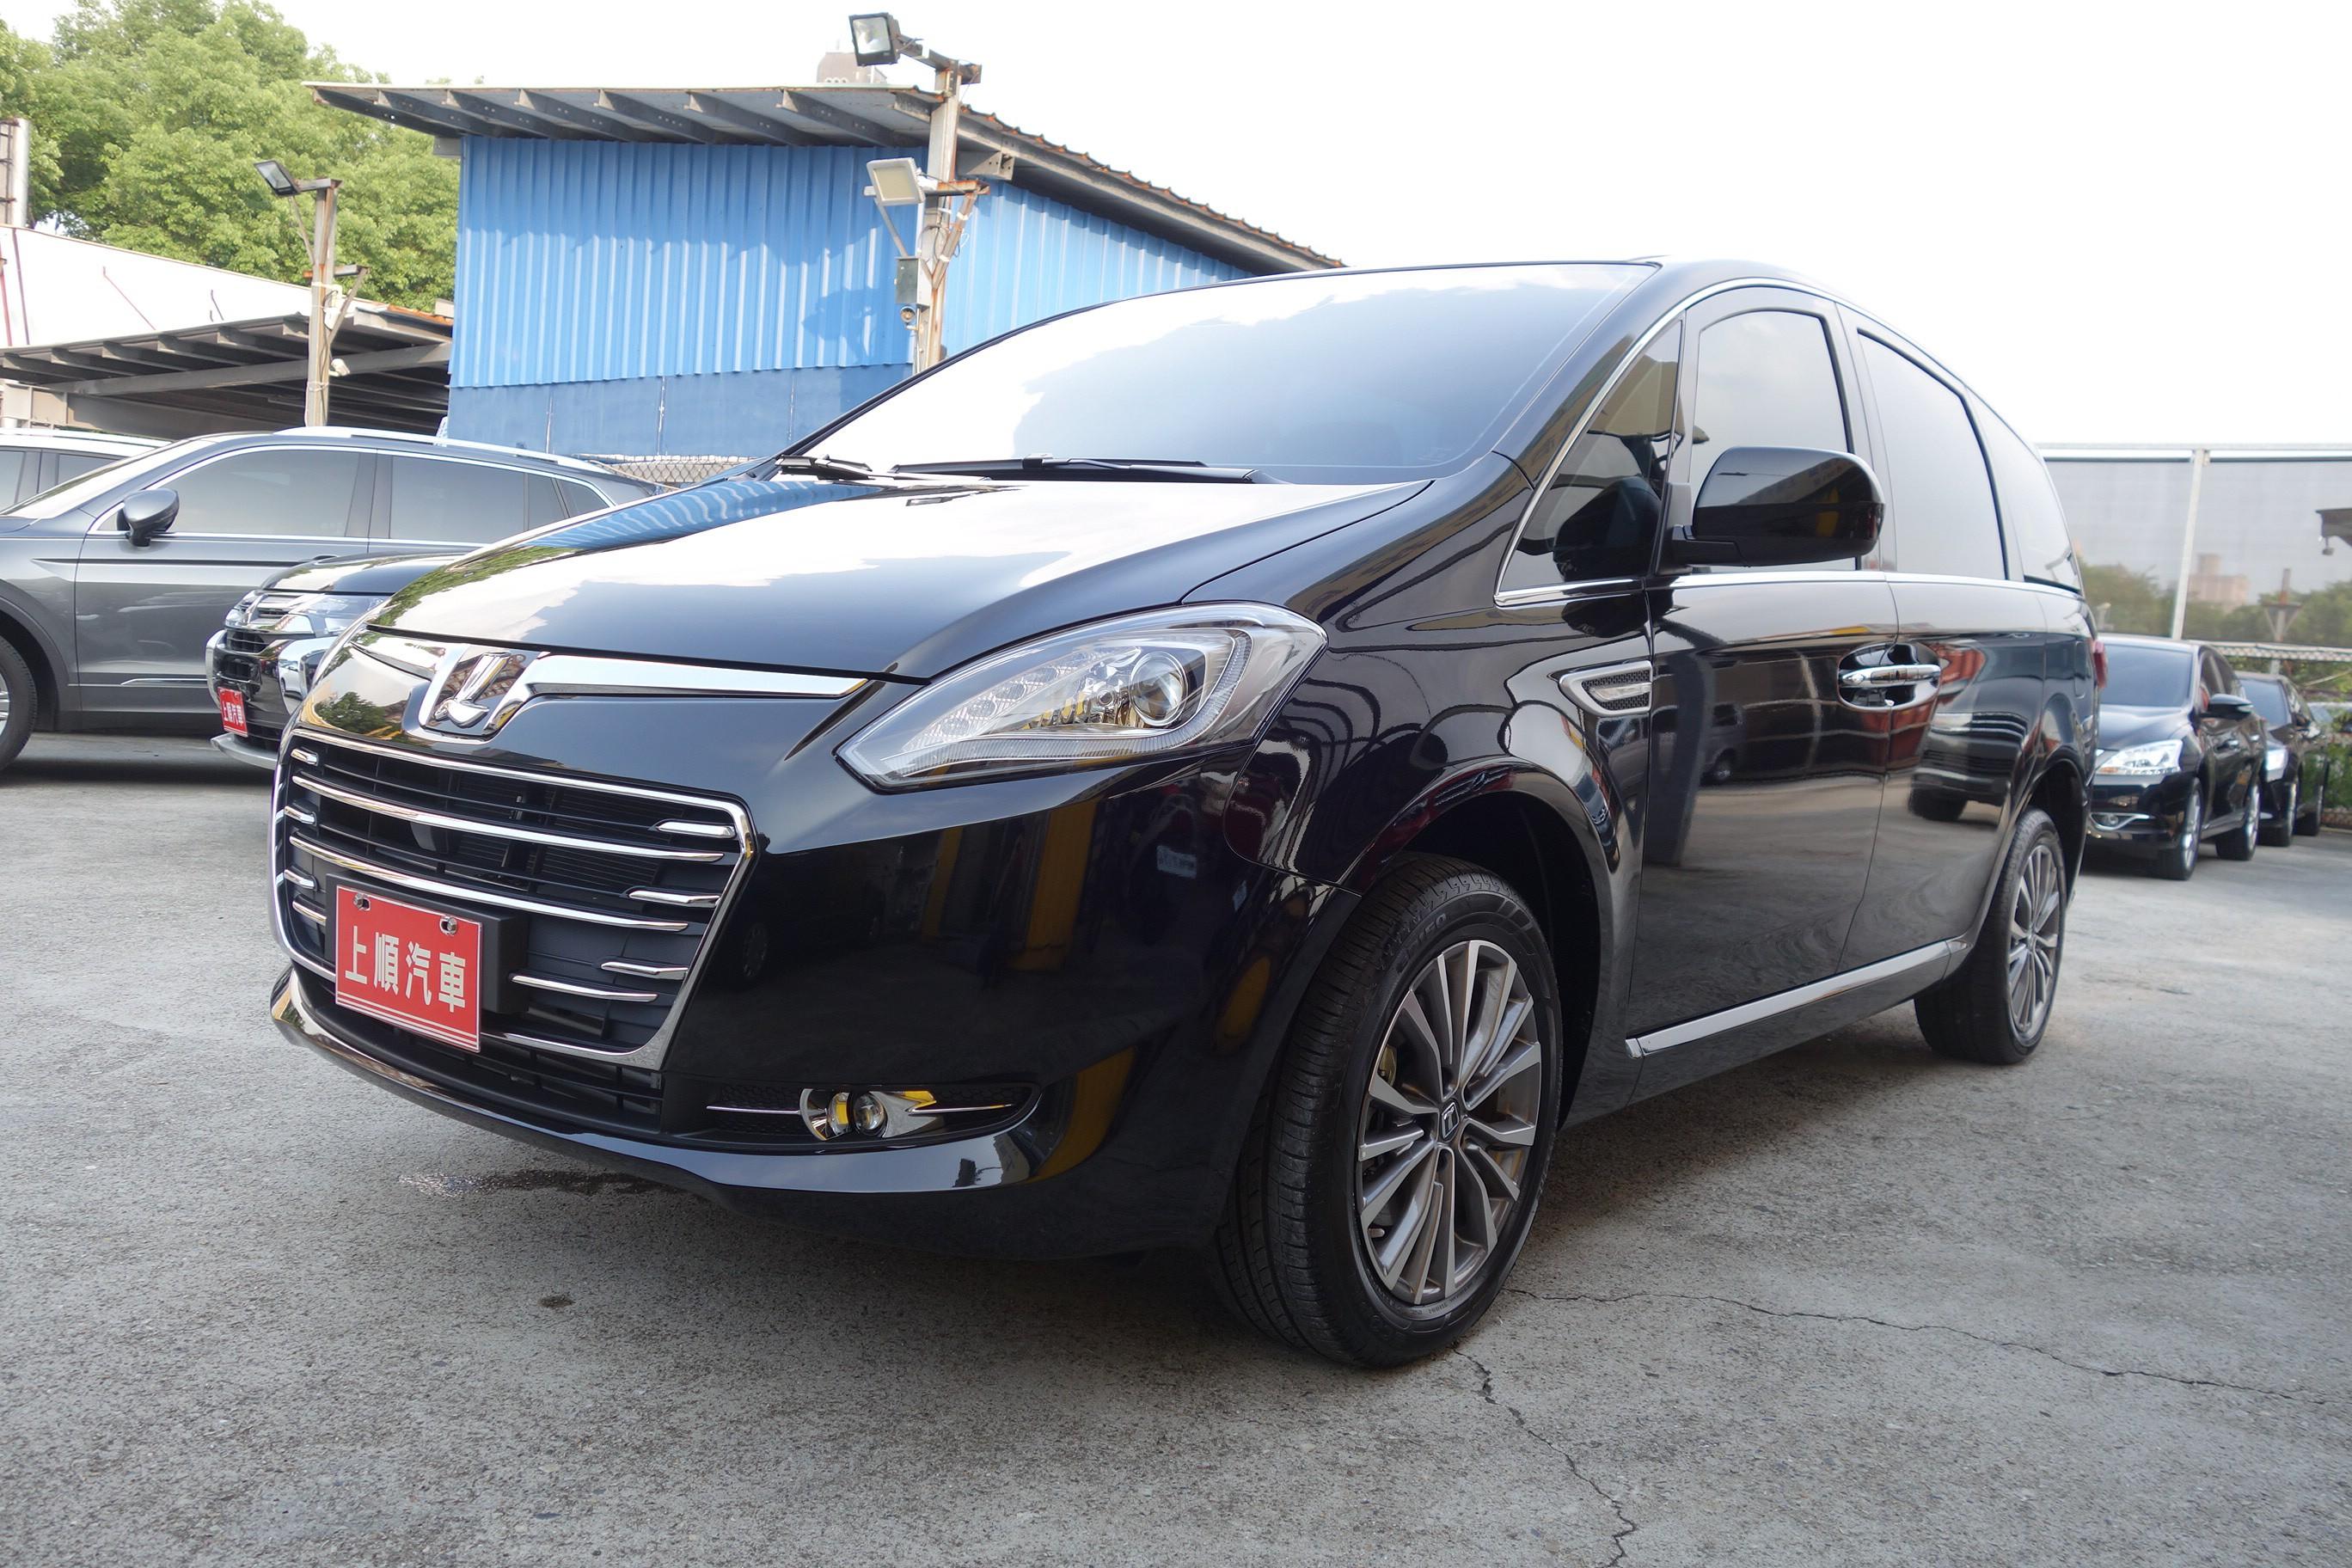 2019 Luxgen 納智捷 M7 turbo